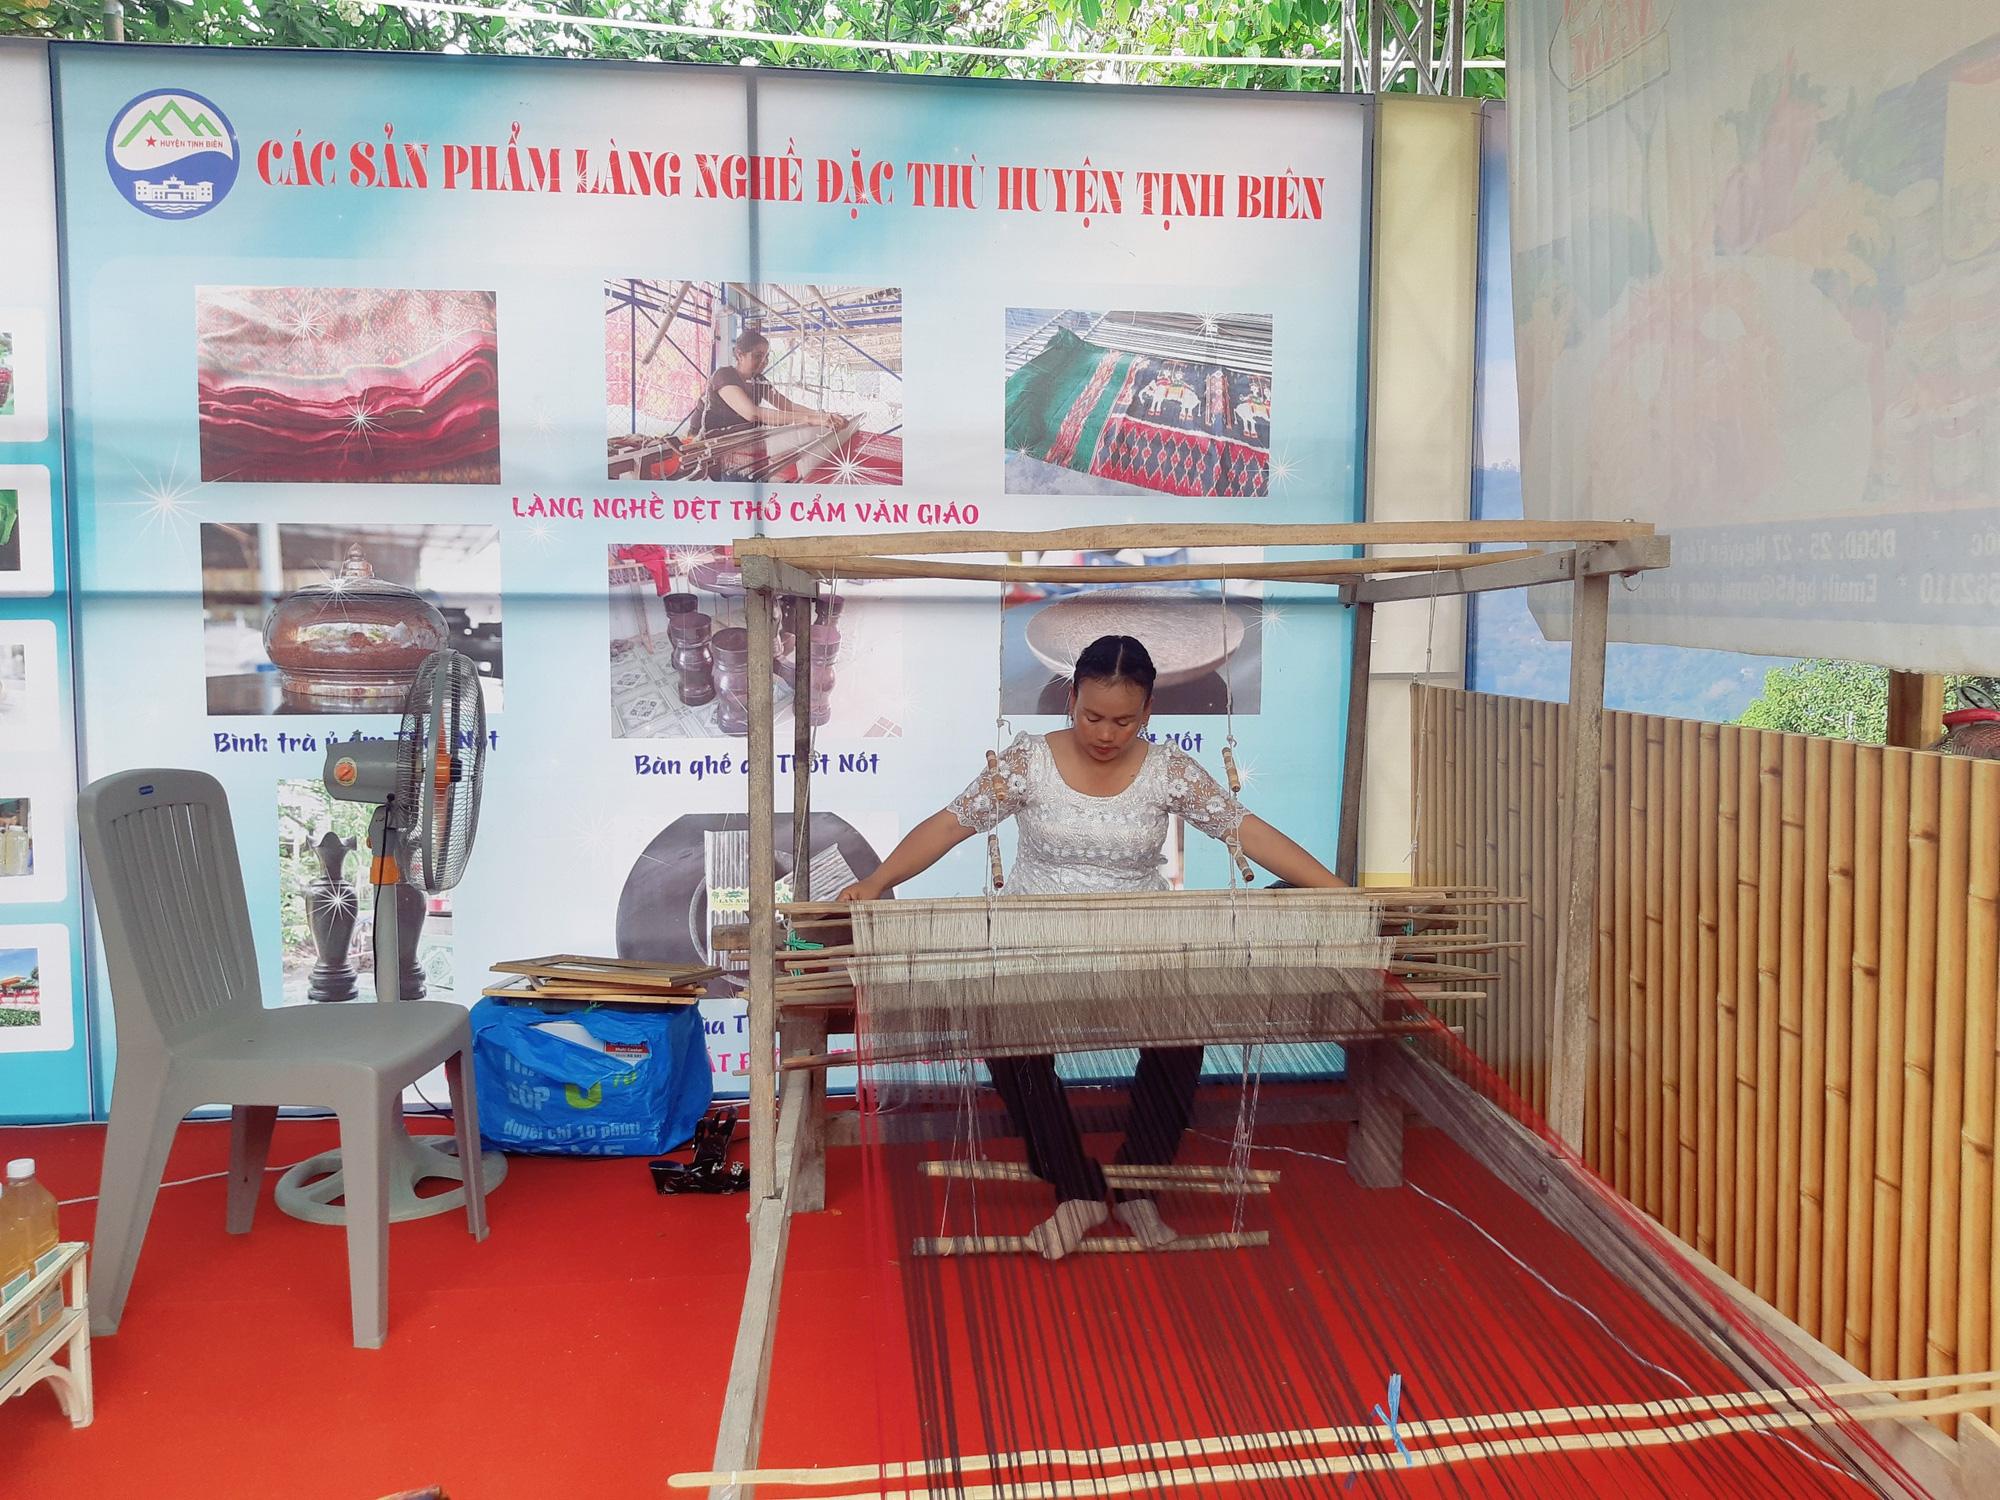 Sản phẩm OCOP 24 tỉnh, thành hội tụ tại Châu Đốc An Giang - Ảnh 10.